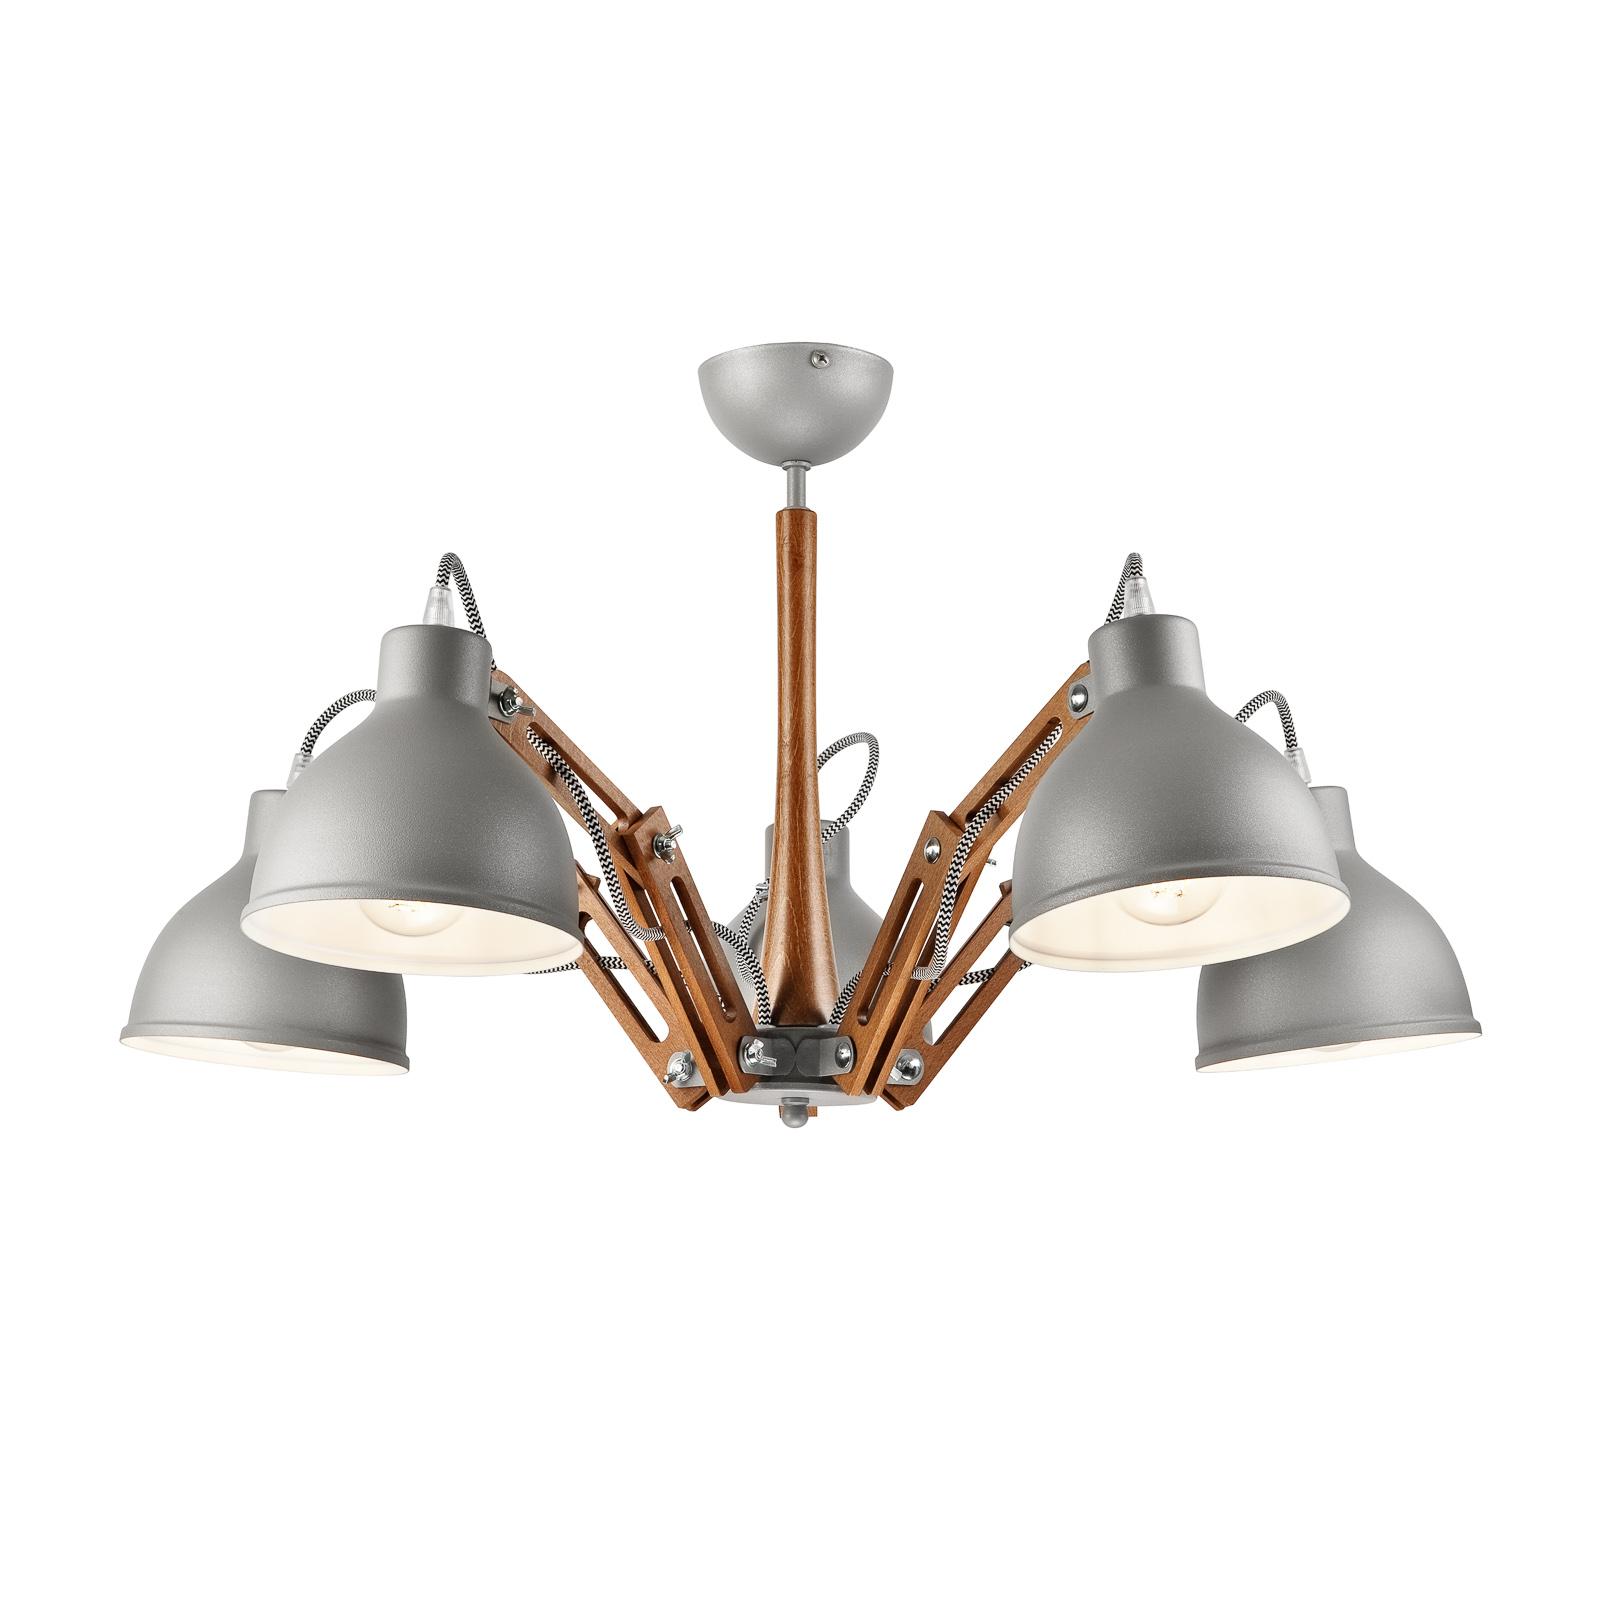 Deckenlampe Skansen 5-flammig verstellbar, grau